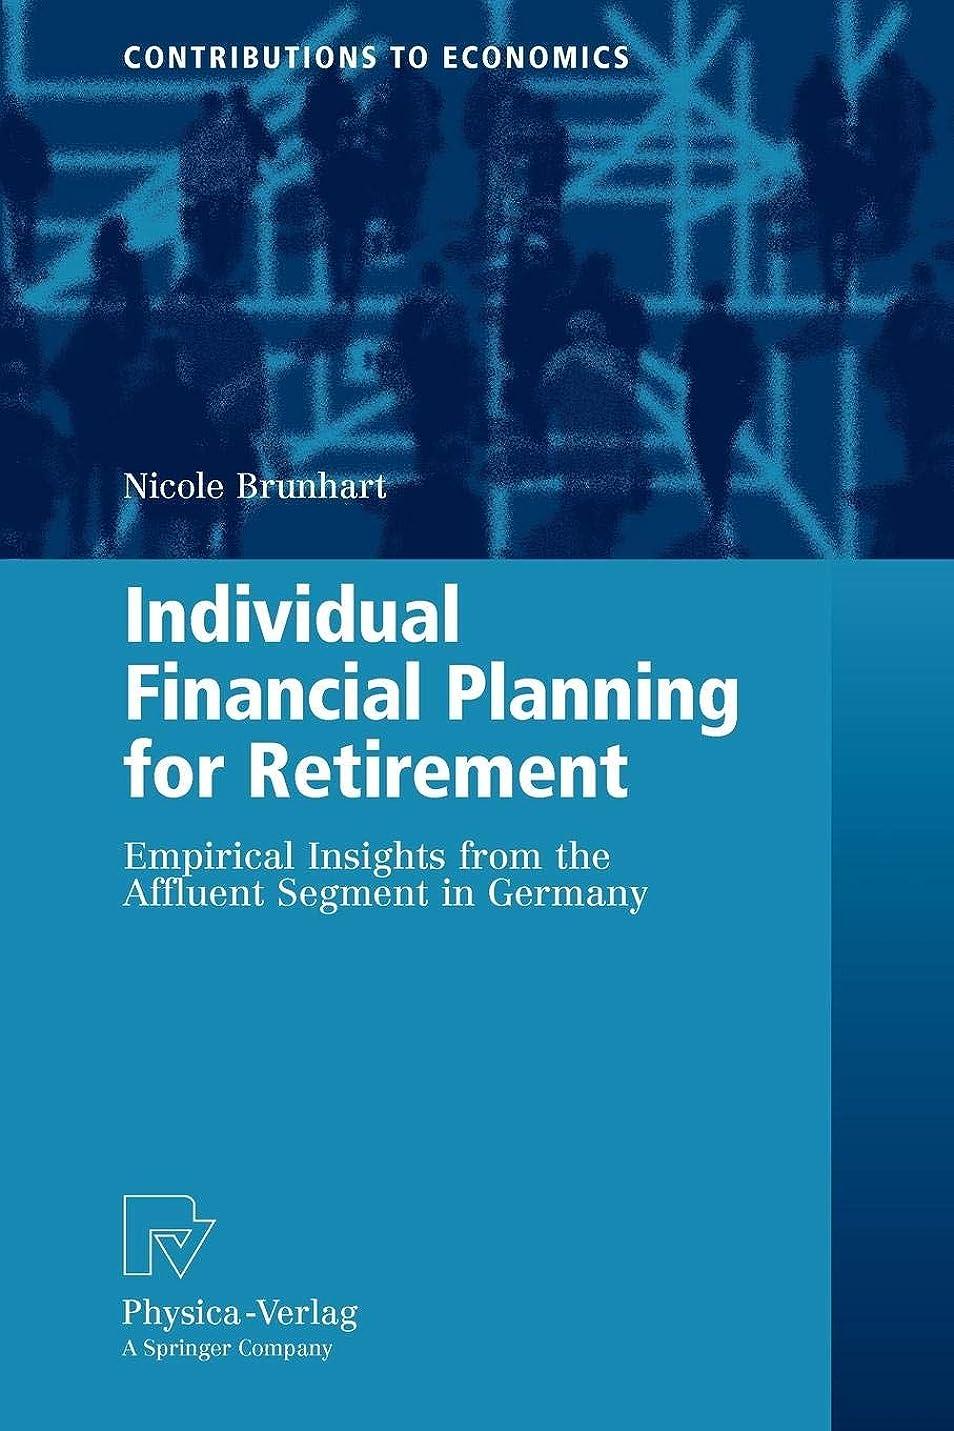 枝生じるドアミラーIndividual Financial Planning for Retirement: Empirical Insights from the Affluent Segment in Germany (Contributions to Economics)